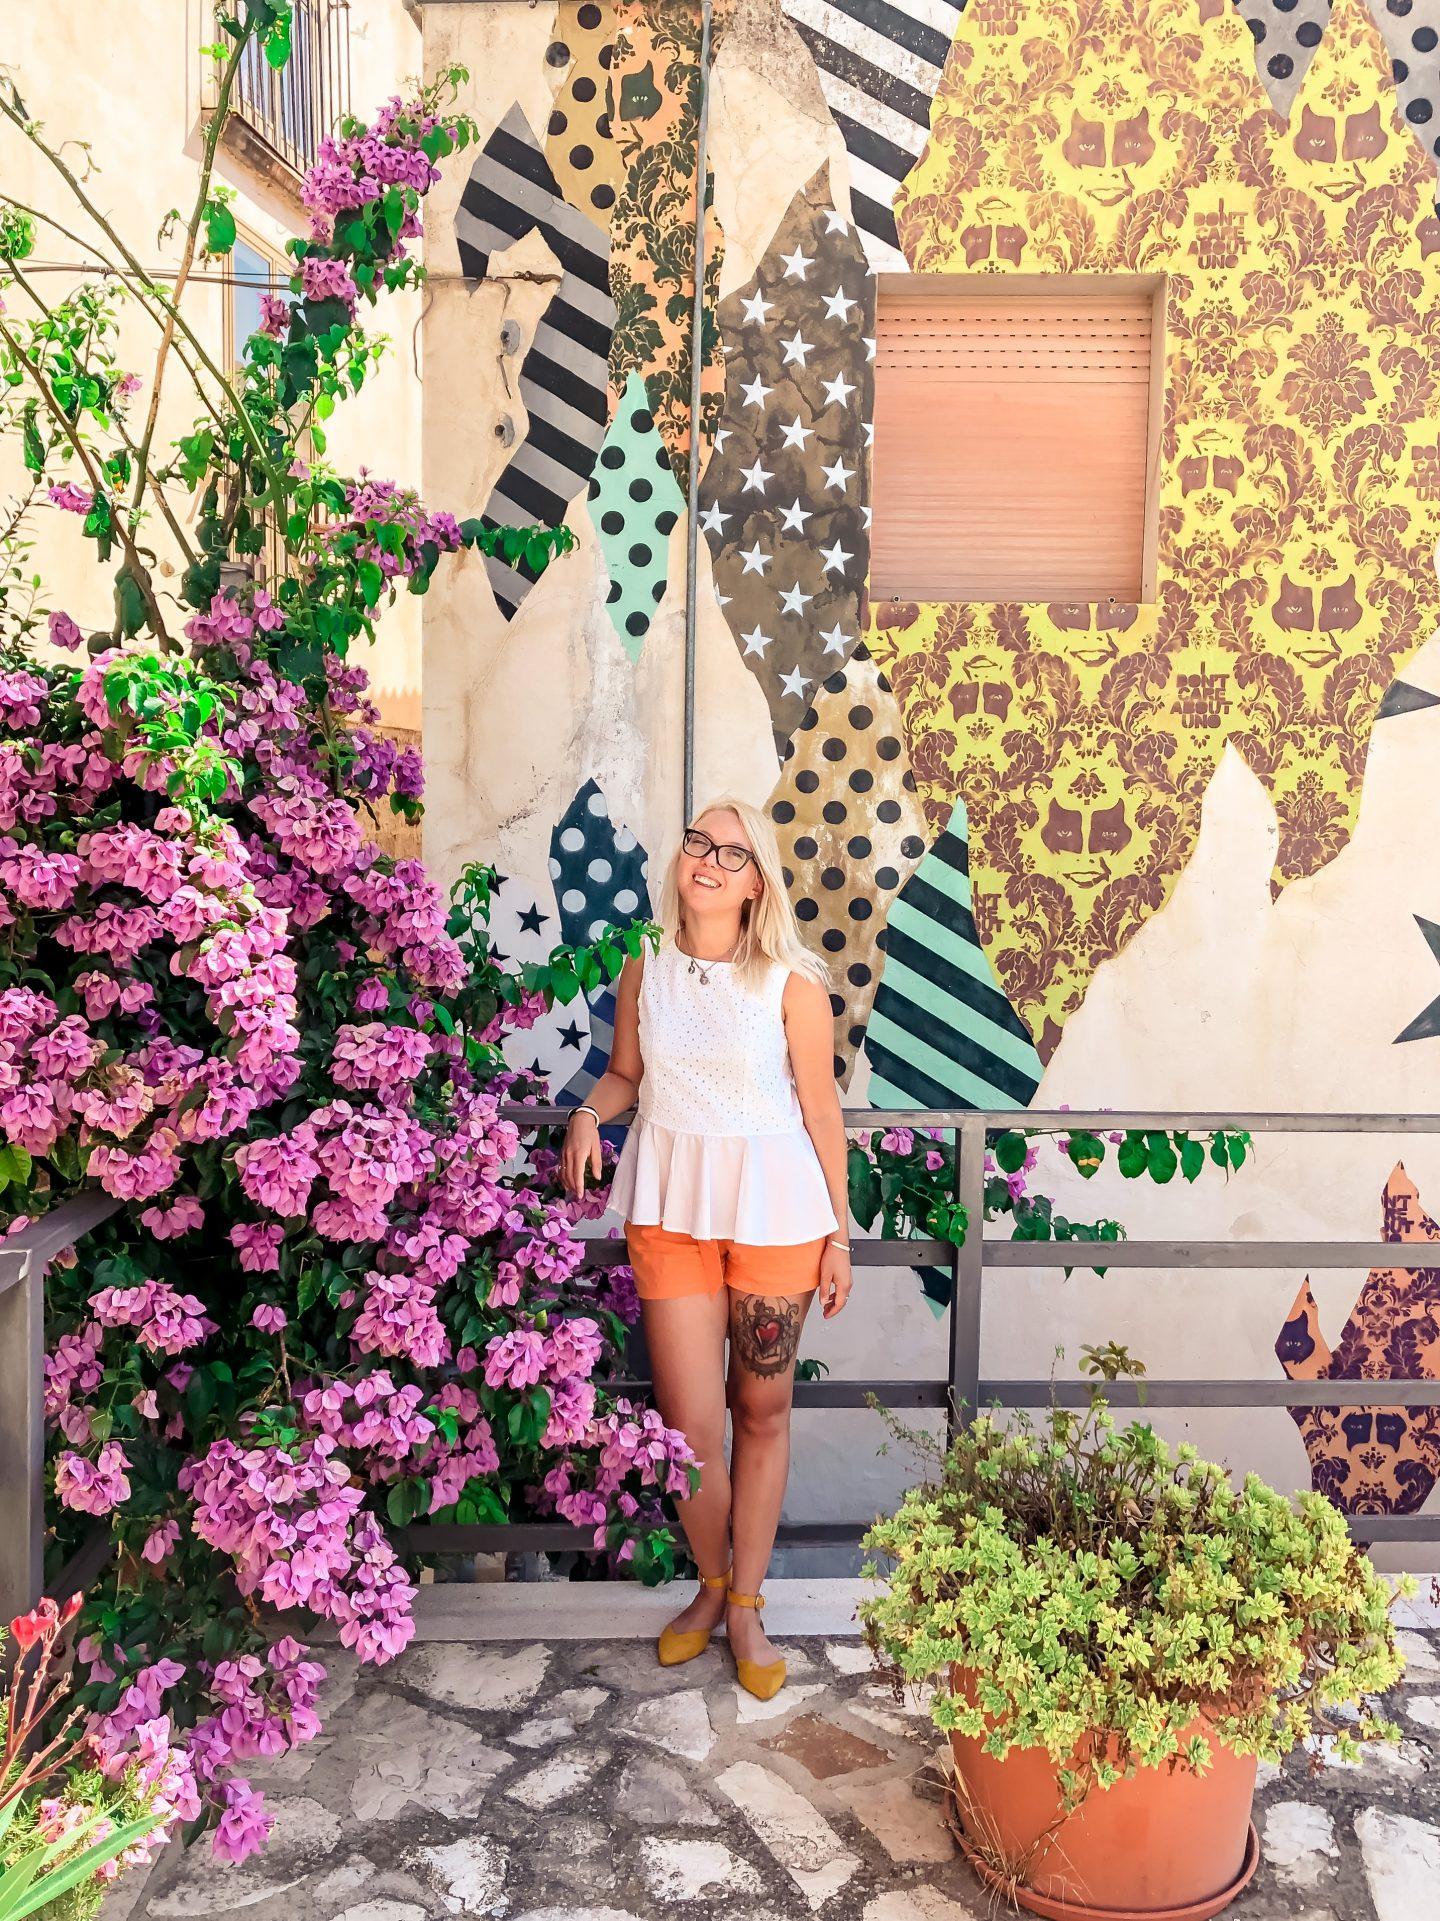 un murales colorato con ragazza